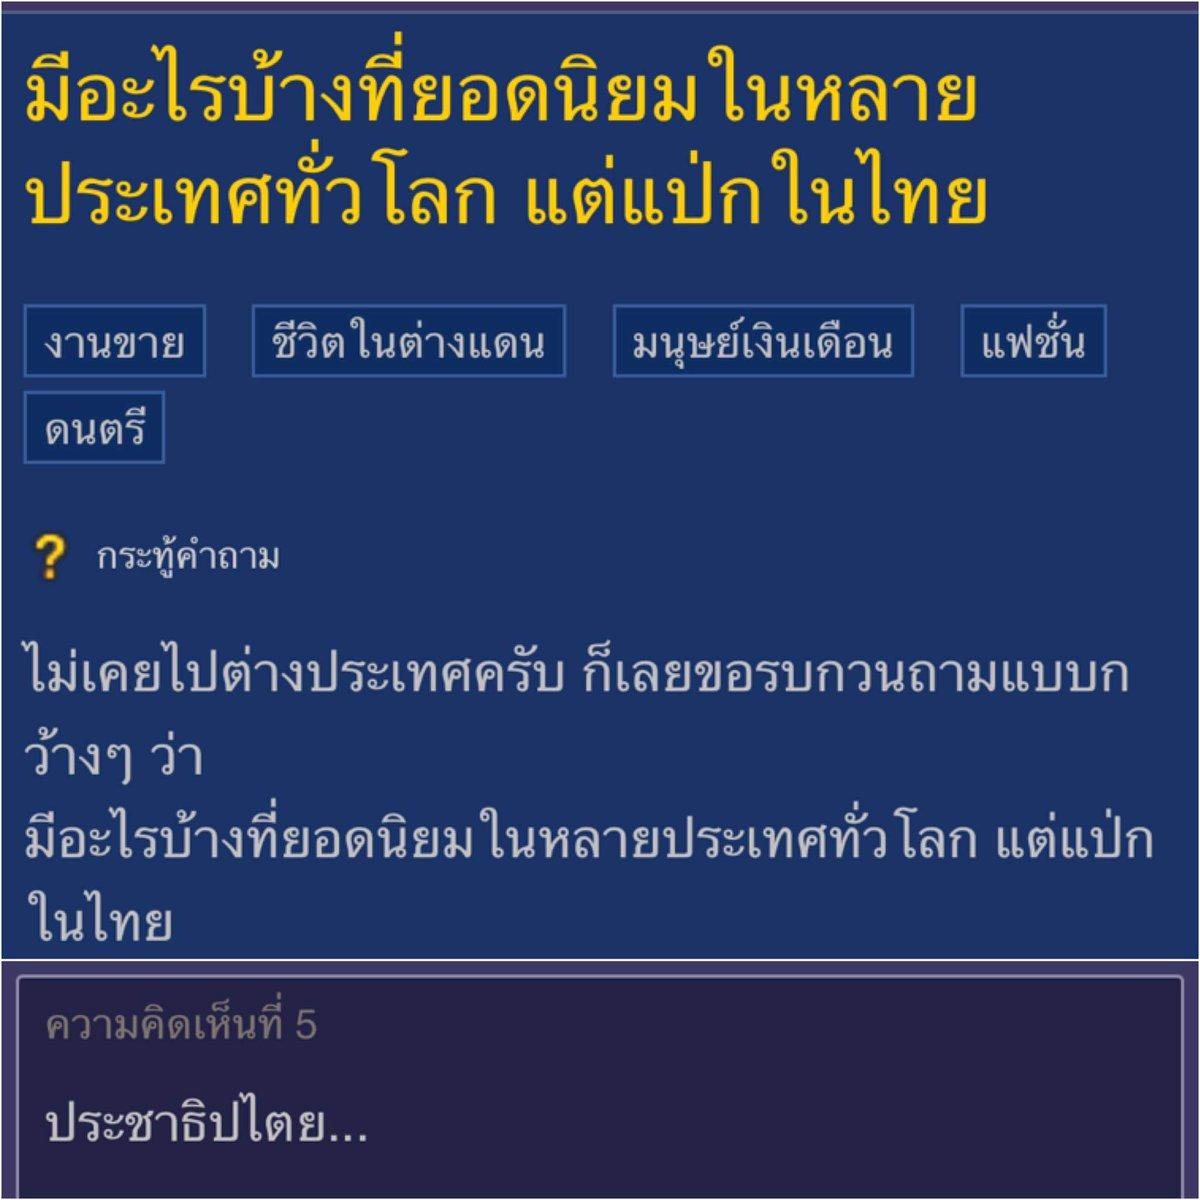 มีอะไรบ้างที่นิยมในต่างประเทศแต่มาแป้กในไทย https://t.co/A3twY2dW0a